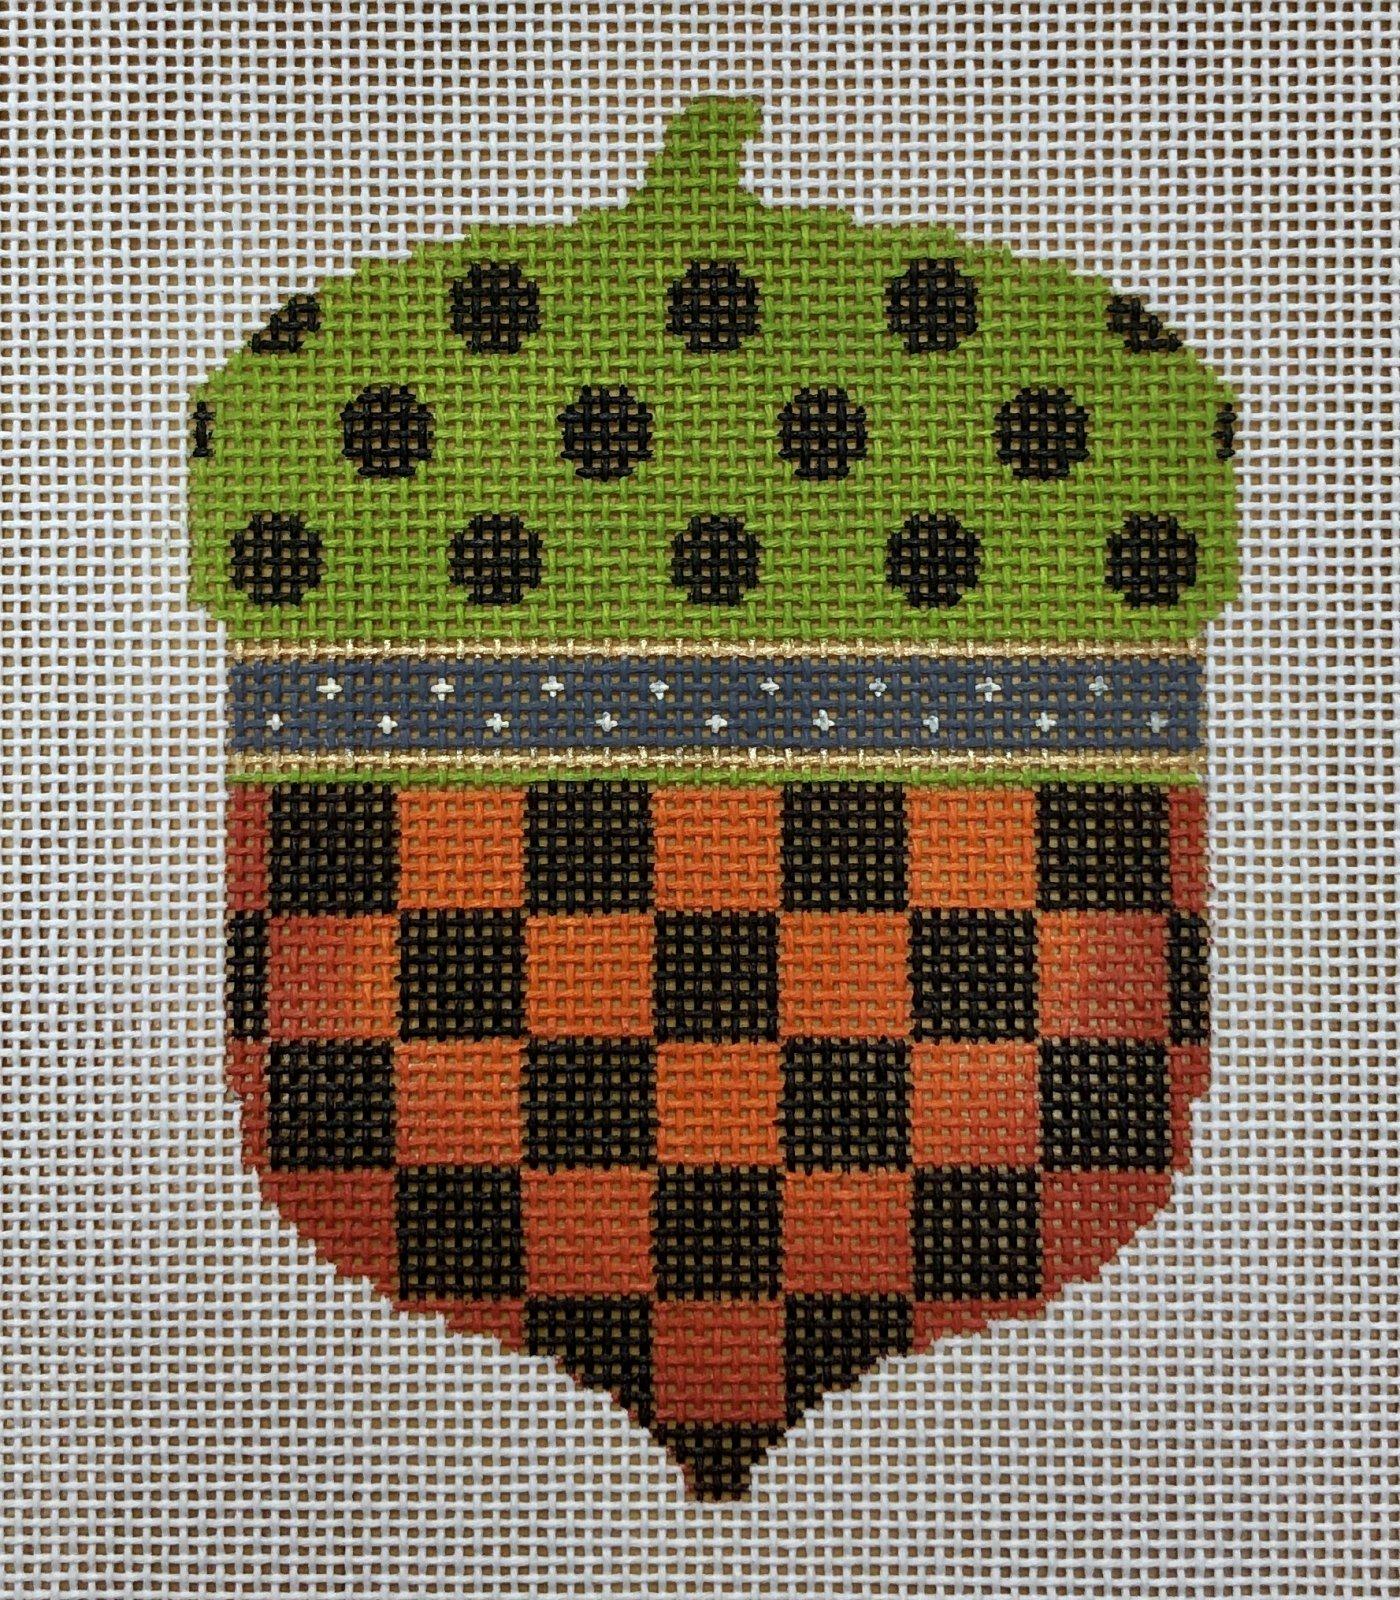 acorn, 1500